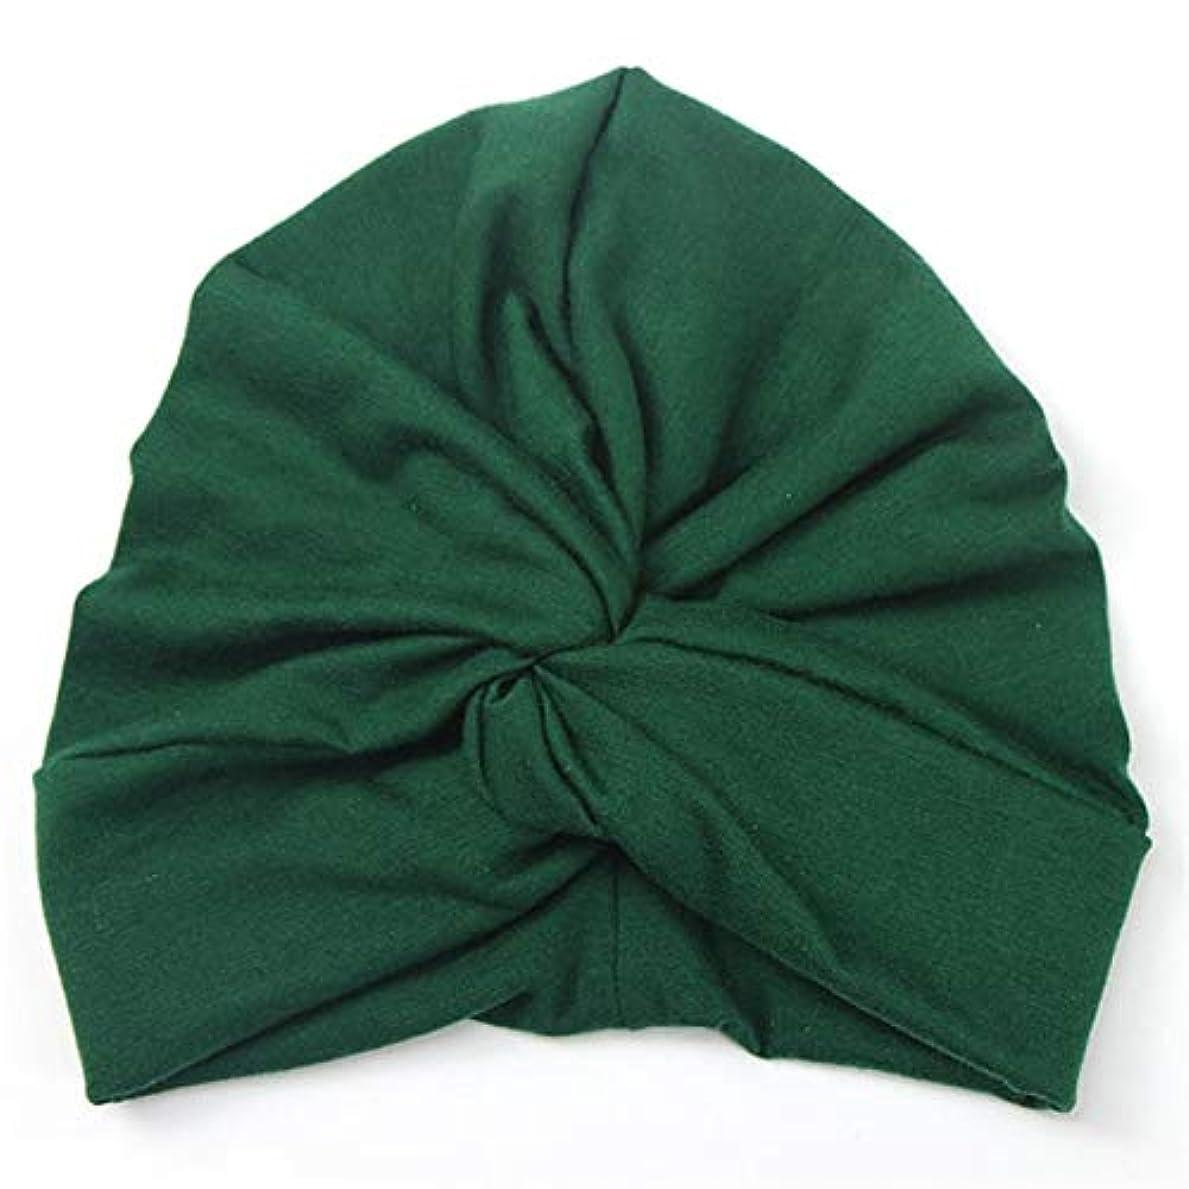 雪ジュニア即席フラワーヘアピンFlowerHairpin YHMベイビーハットコットンソフトターバンノットサマーボヘミアンキッズガールズ新生児キャップ(イエロー) (色 : Green)